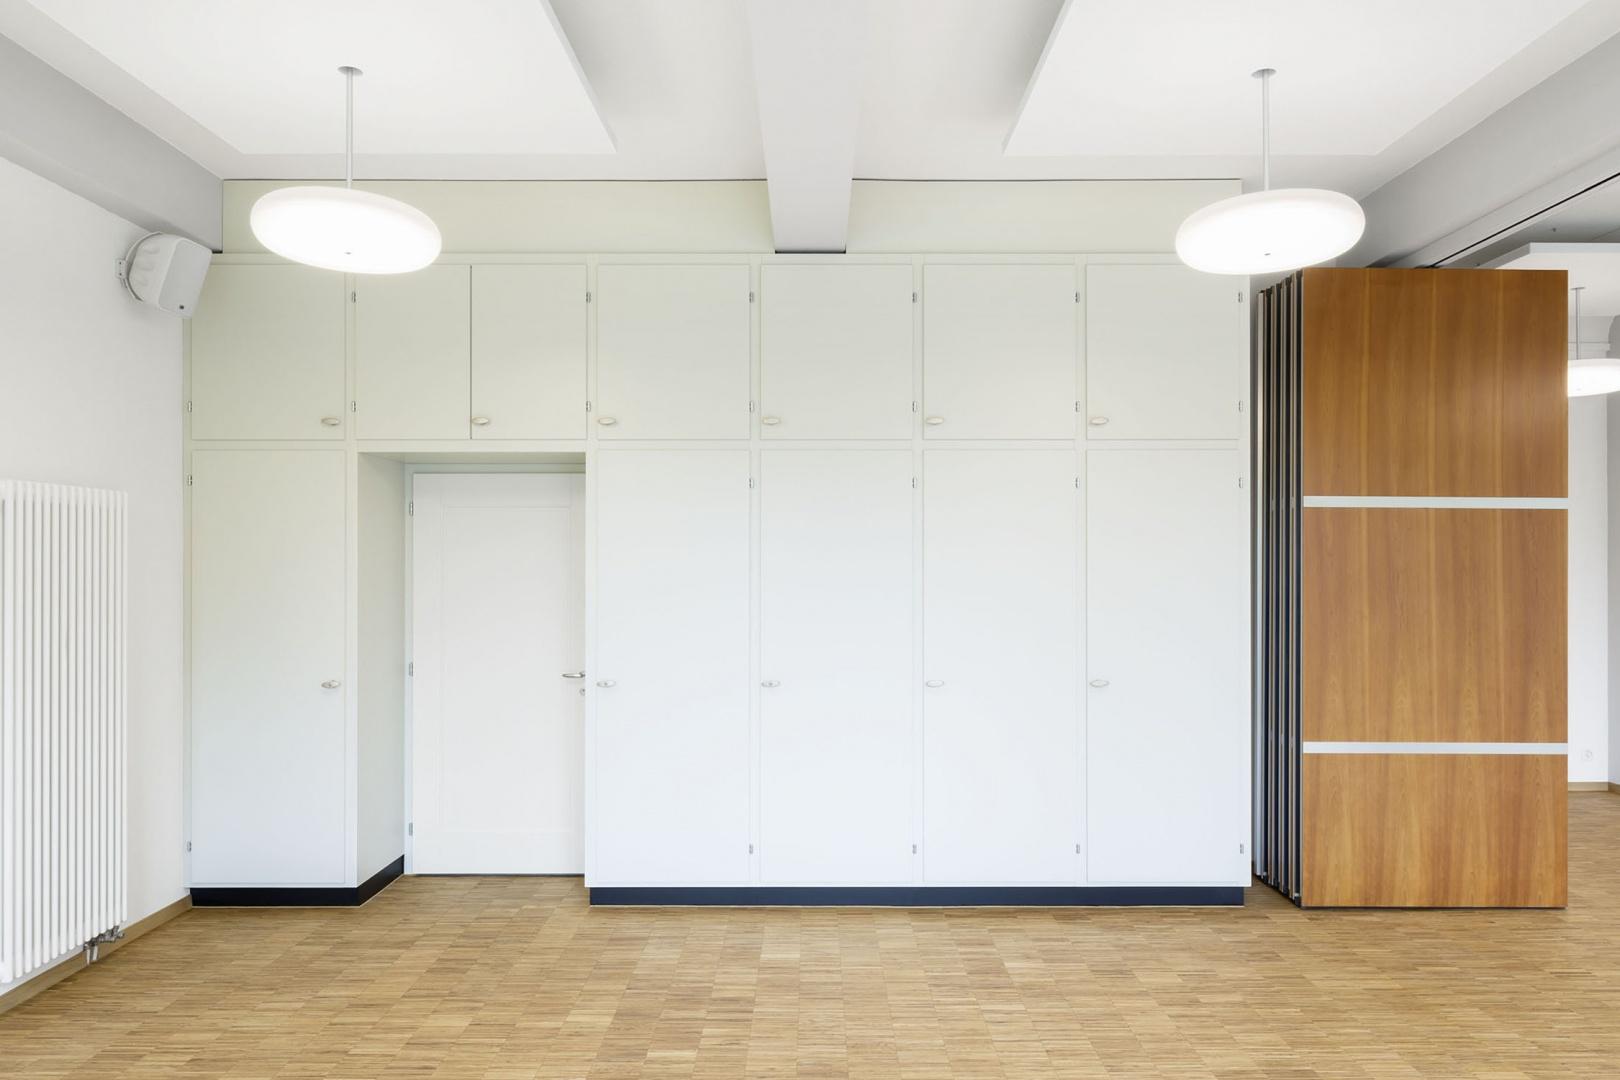 Unterrichtszimmer © Michael Egloff, michaelegloff.ch